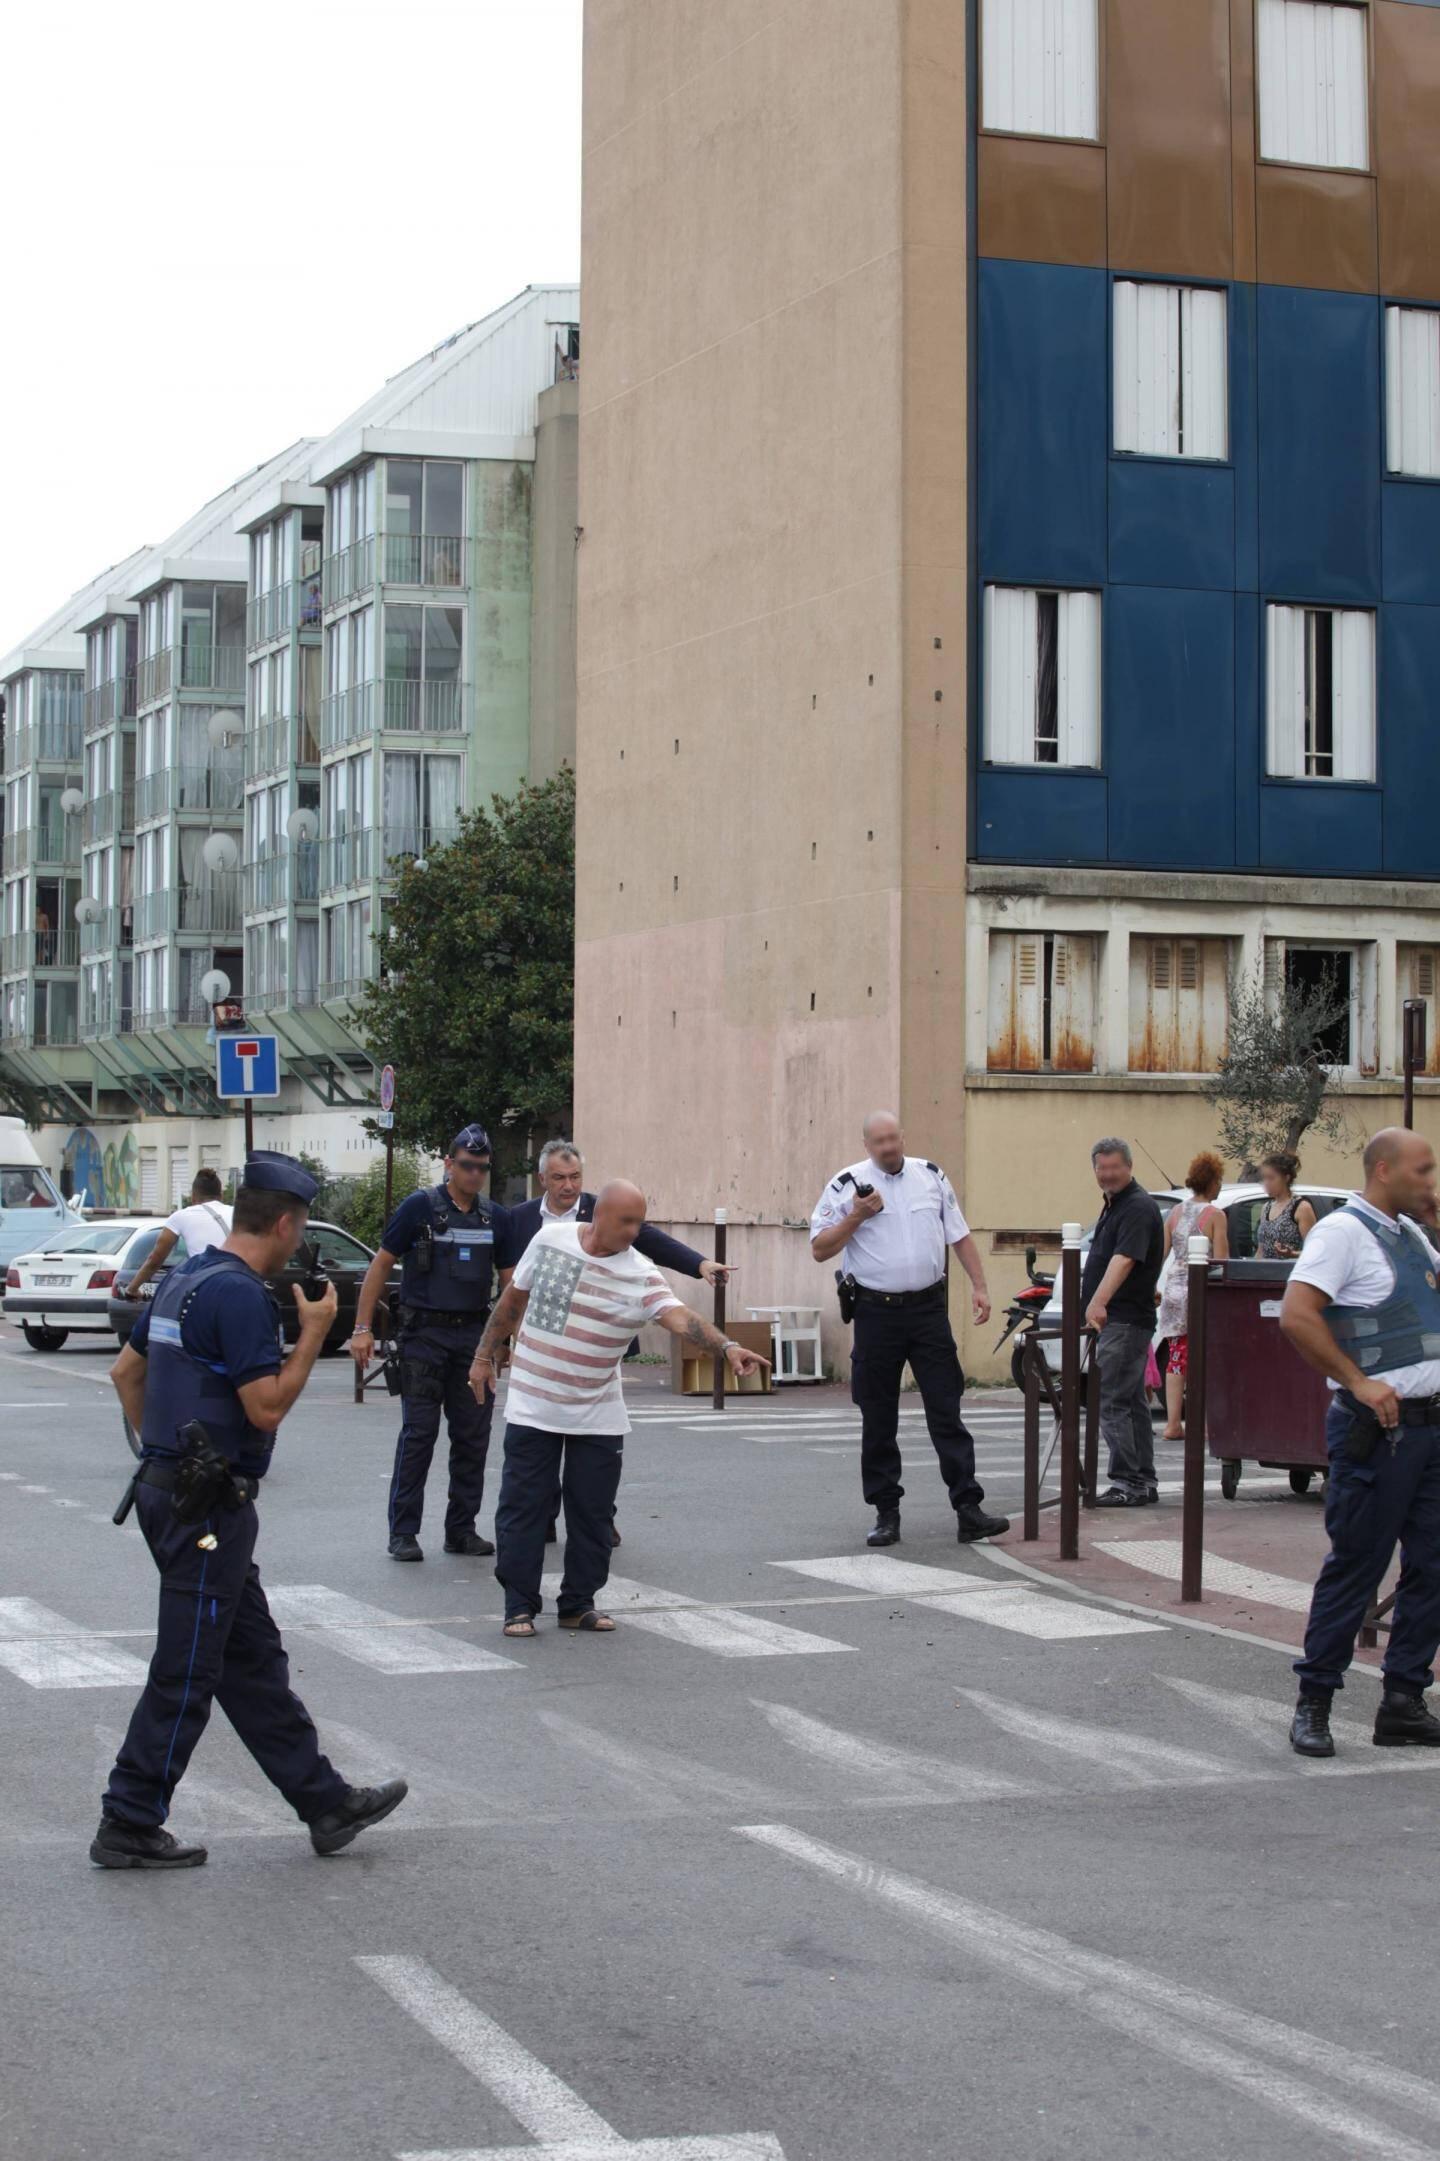 Le 23 juillet, juste après une fusillade qui a fait deux blessés légers dans ce quartier de Saint-Laurent-du-Var.